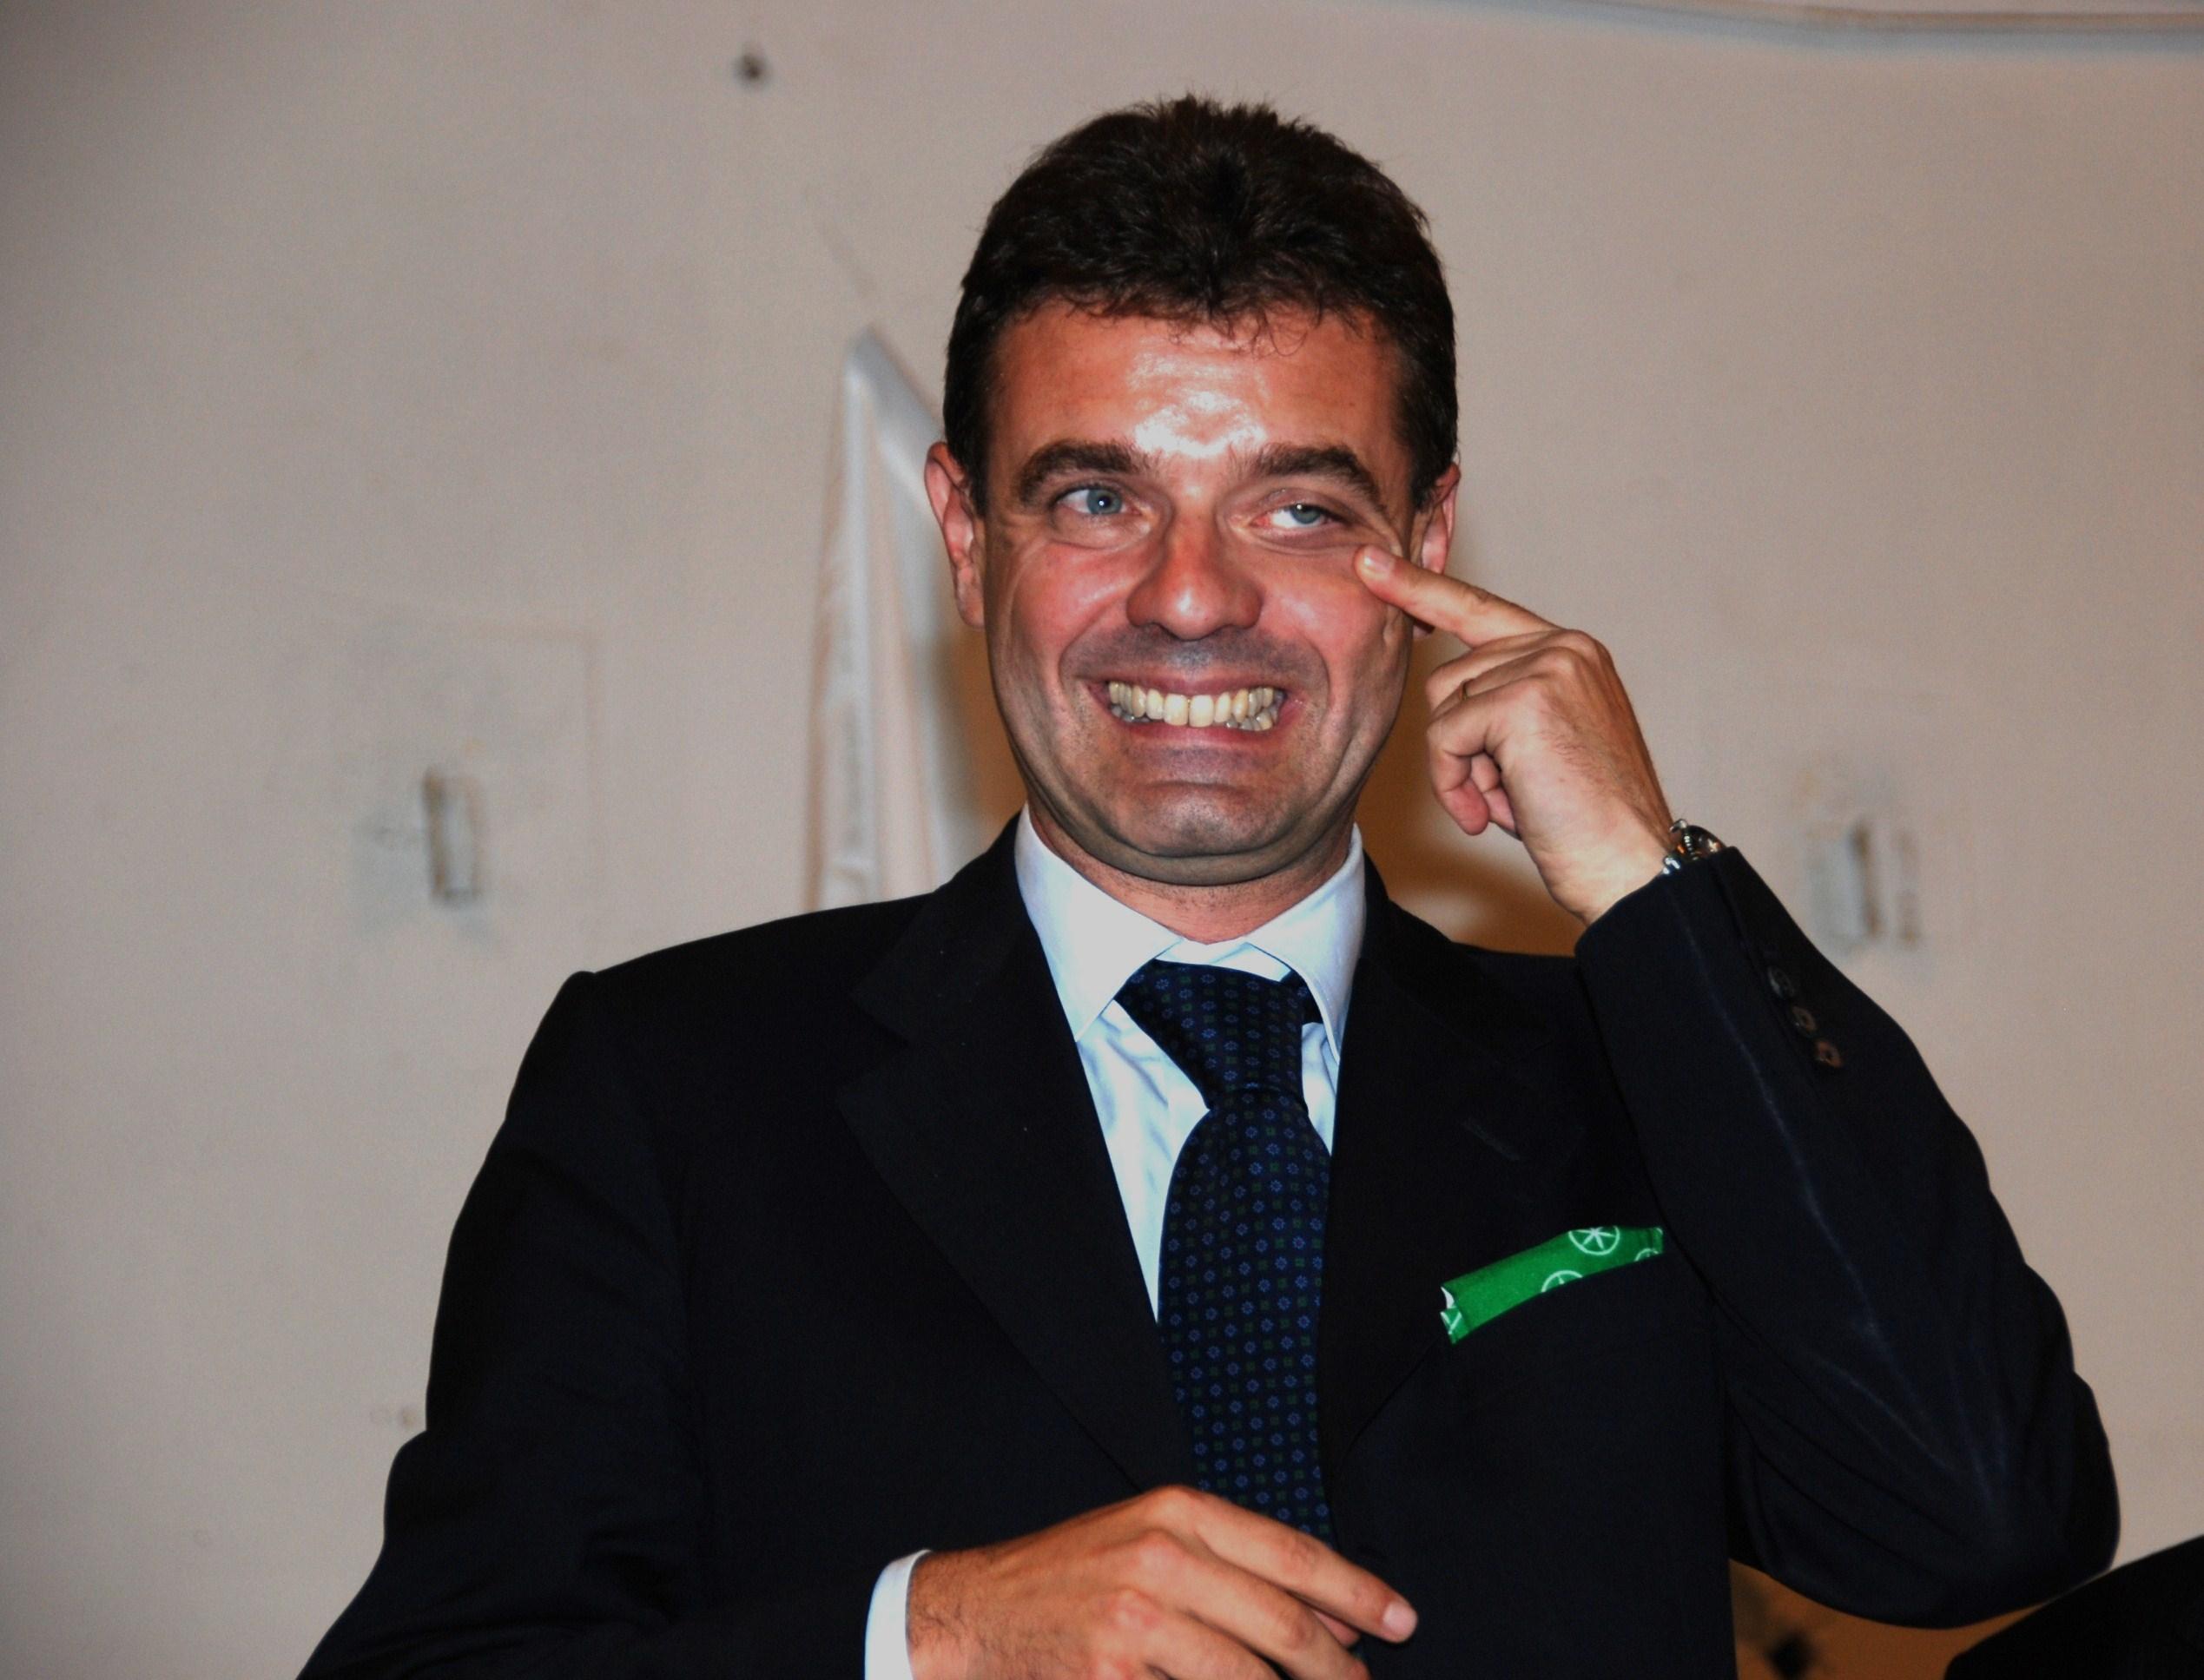 Roberto Cota, chiesta condanna di 2 anni e 4 mesi, comprò le mutande verdi a Boston